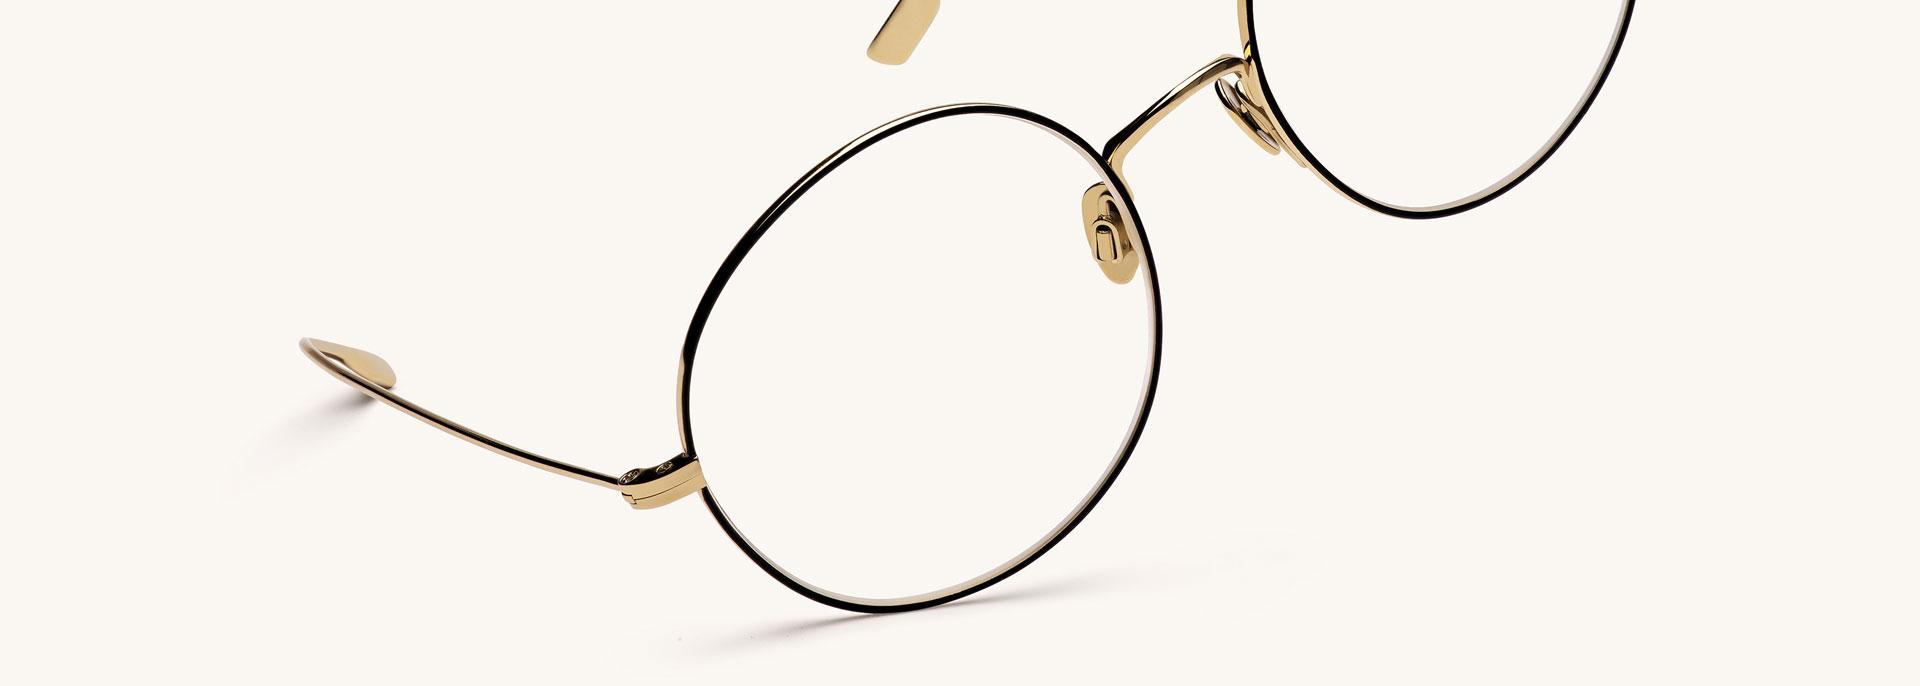 Skandinavisk minimalisme - brillenyheder